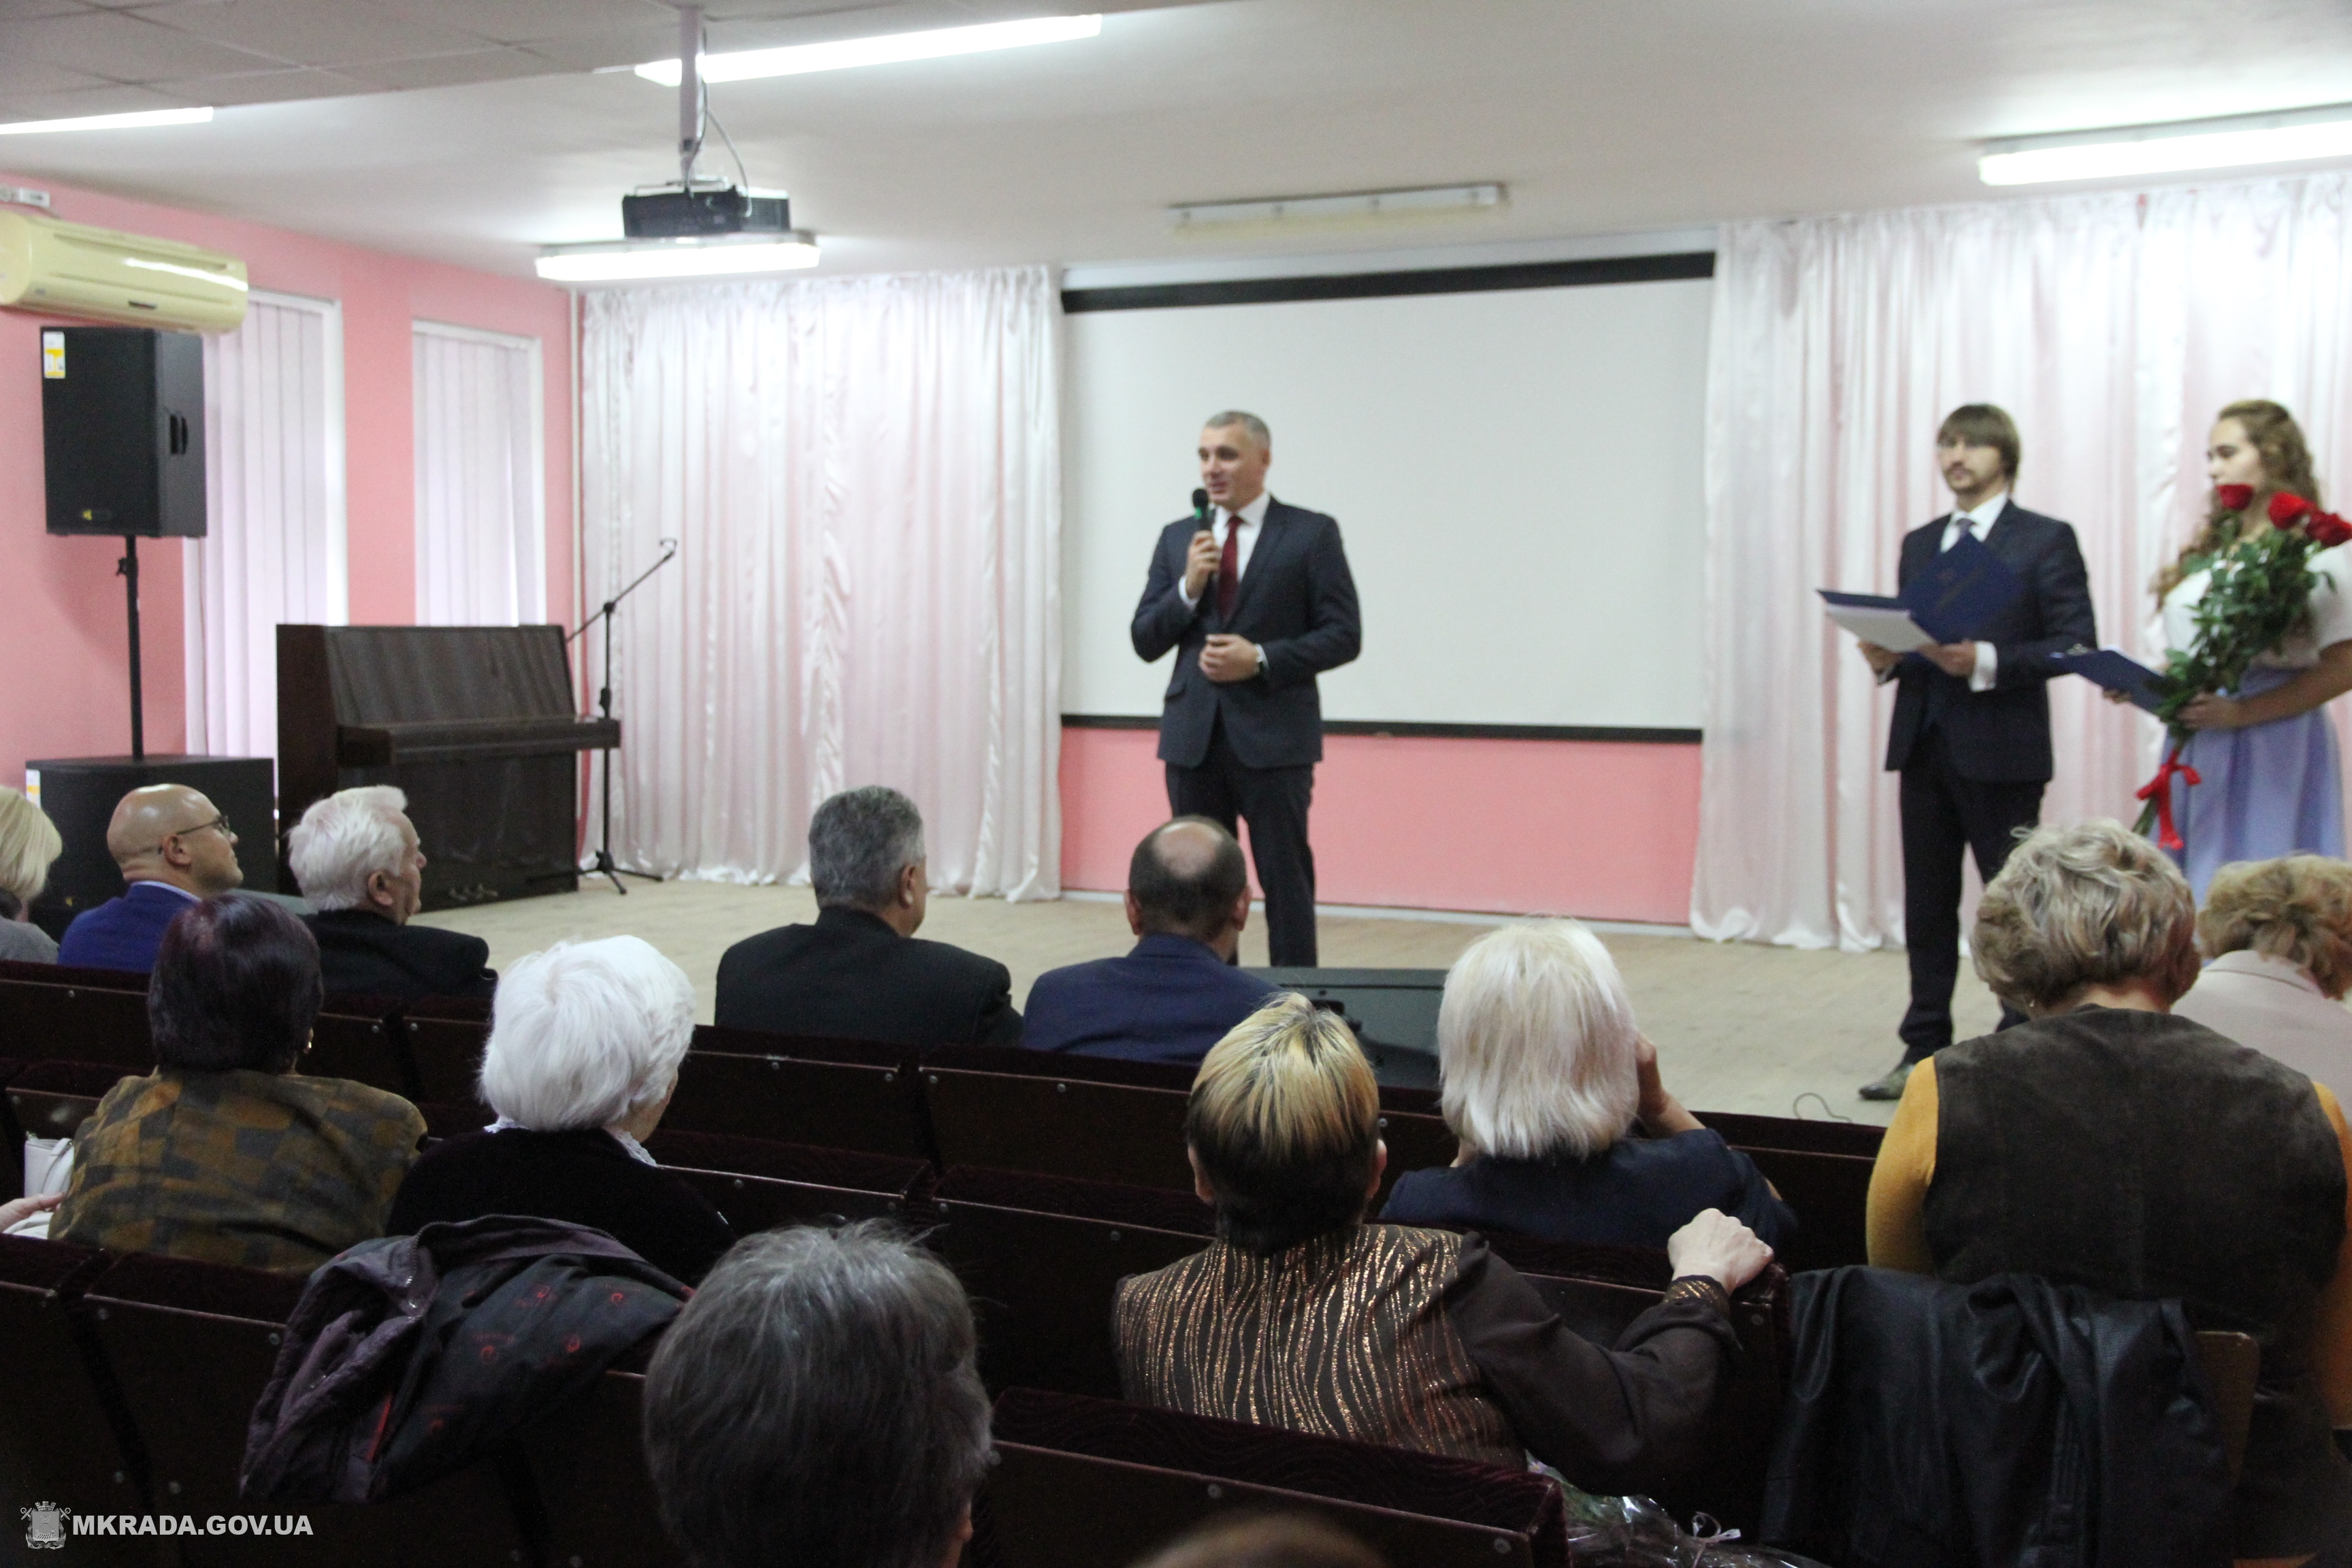 Мер Миколаєва привітав ветеранів педагогічної праці з нагоди професійного свята